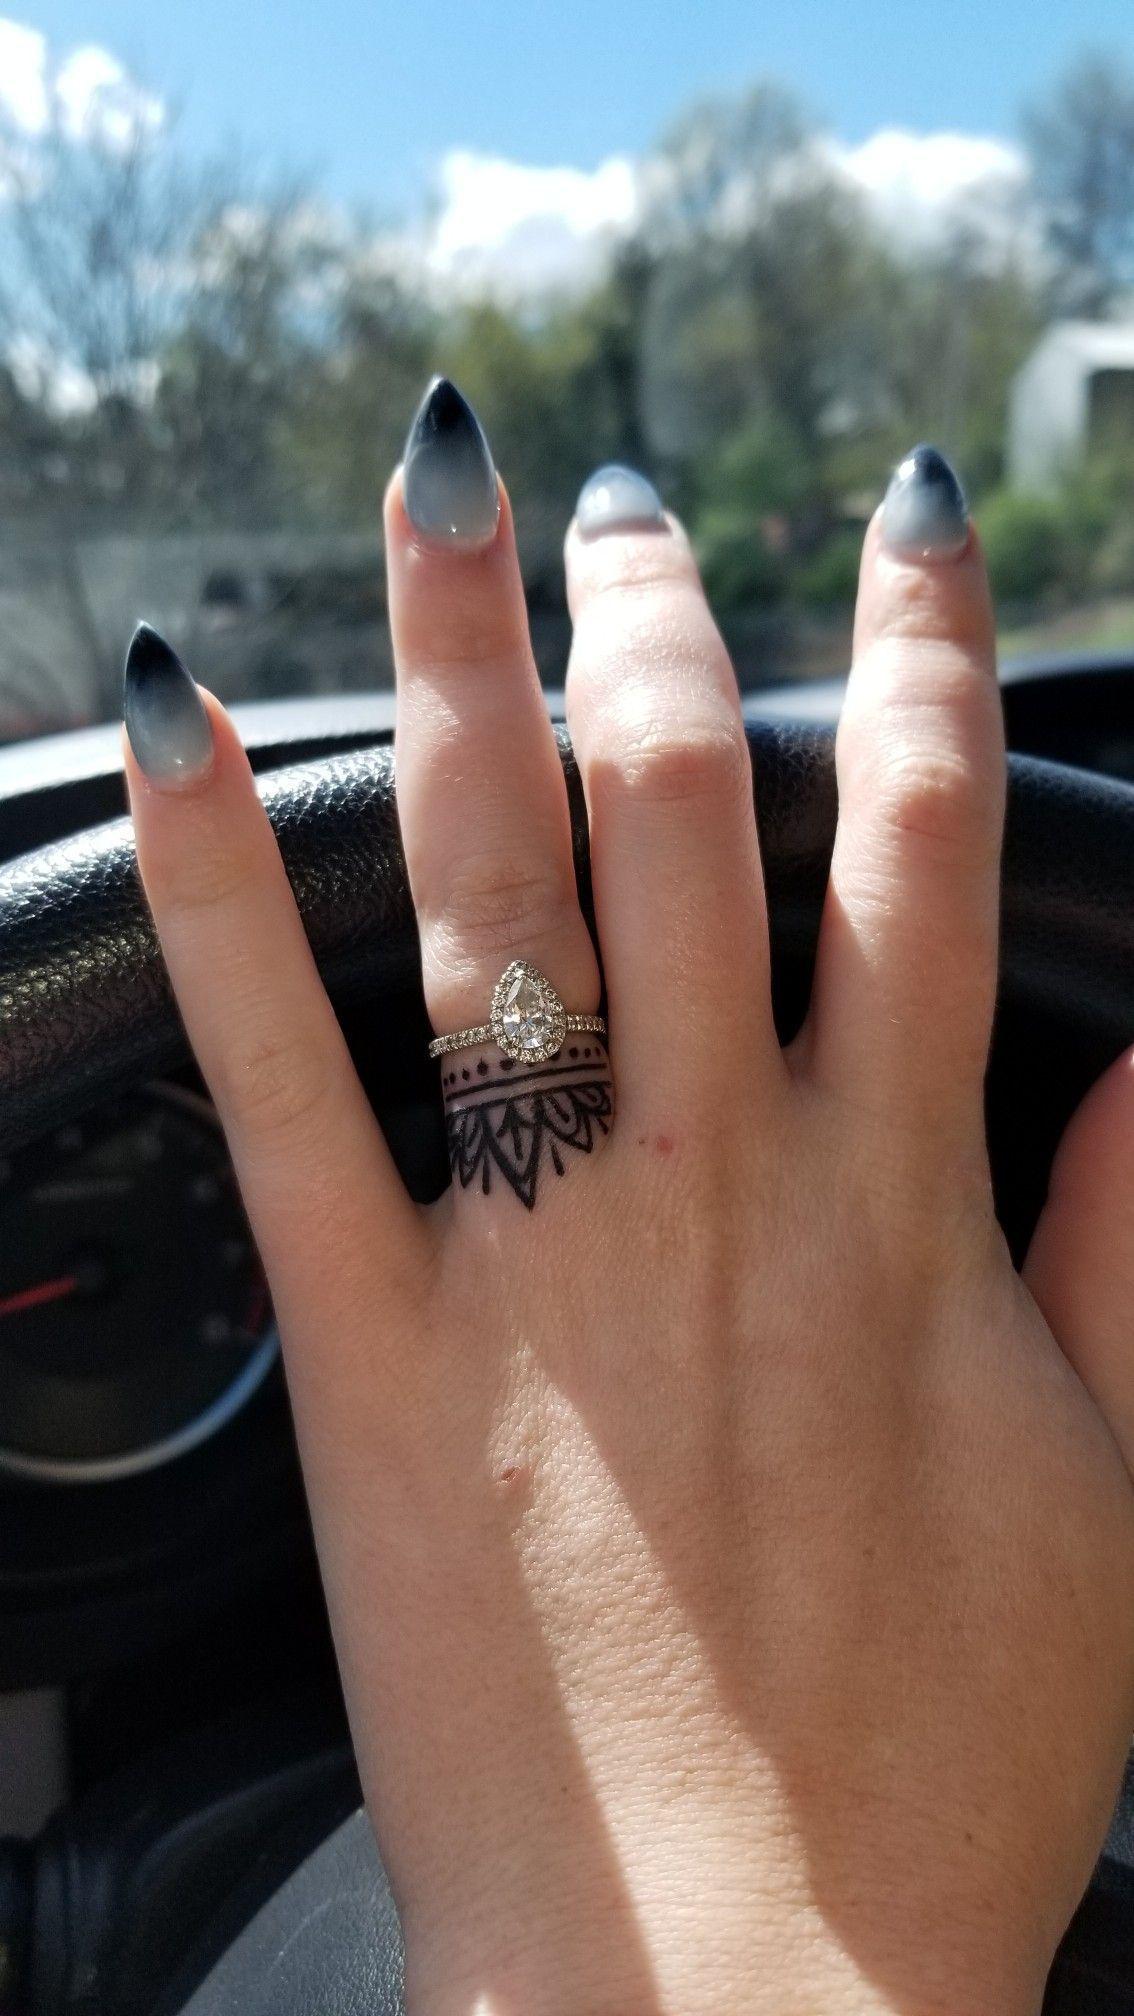 Finger Flower Ring Tattoo Http Viraltattoo Net Finger Flower Ring Tattoo Html In 2020 Tattoo Wedding Rings Ring Finger Tattoos Ring Tattoo Designs